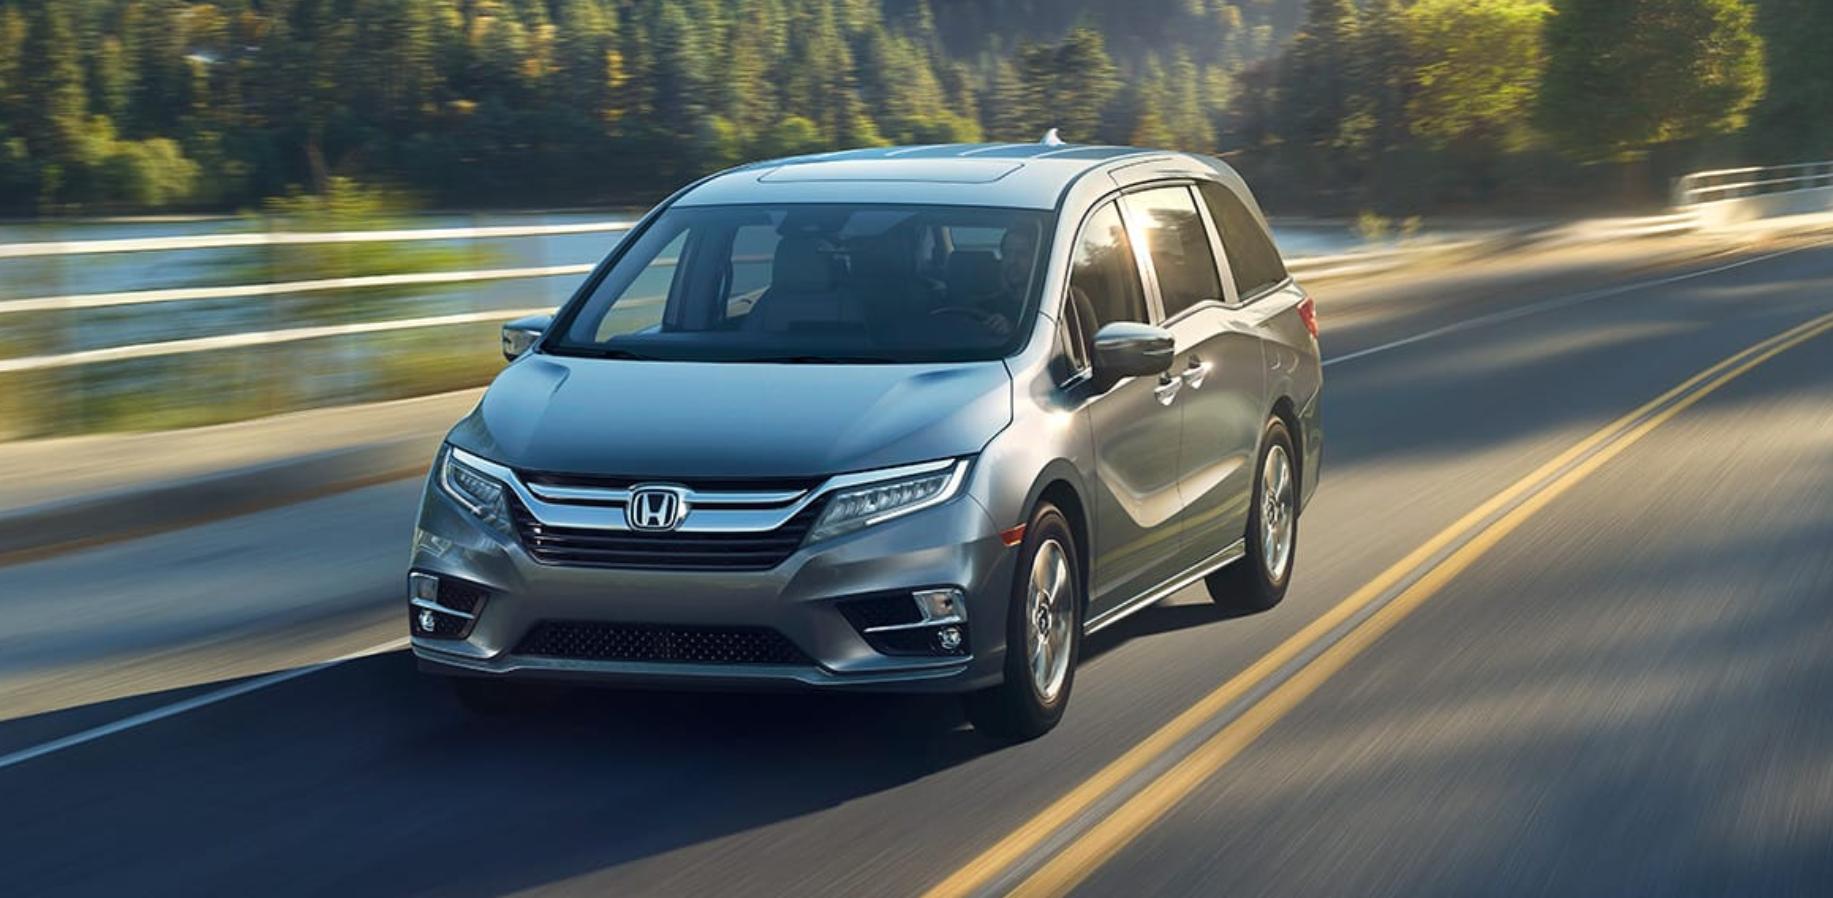 Honda Odyssey Vs  Toyota Sienna: Minivan Matchup